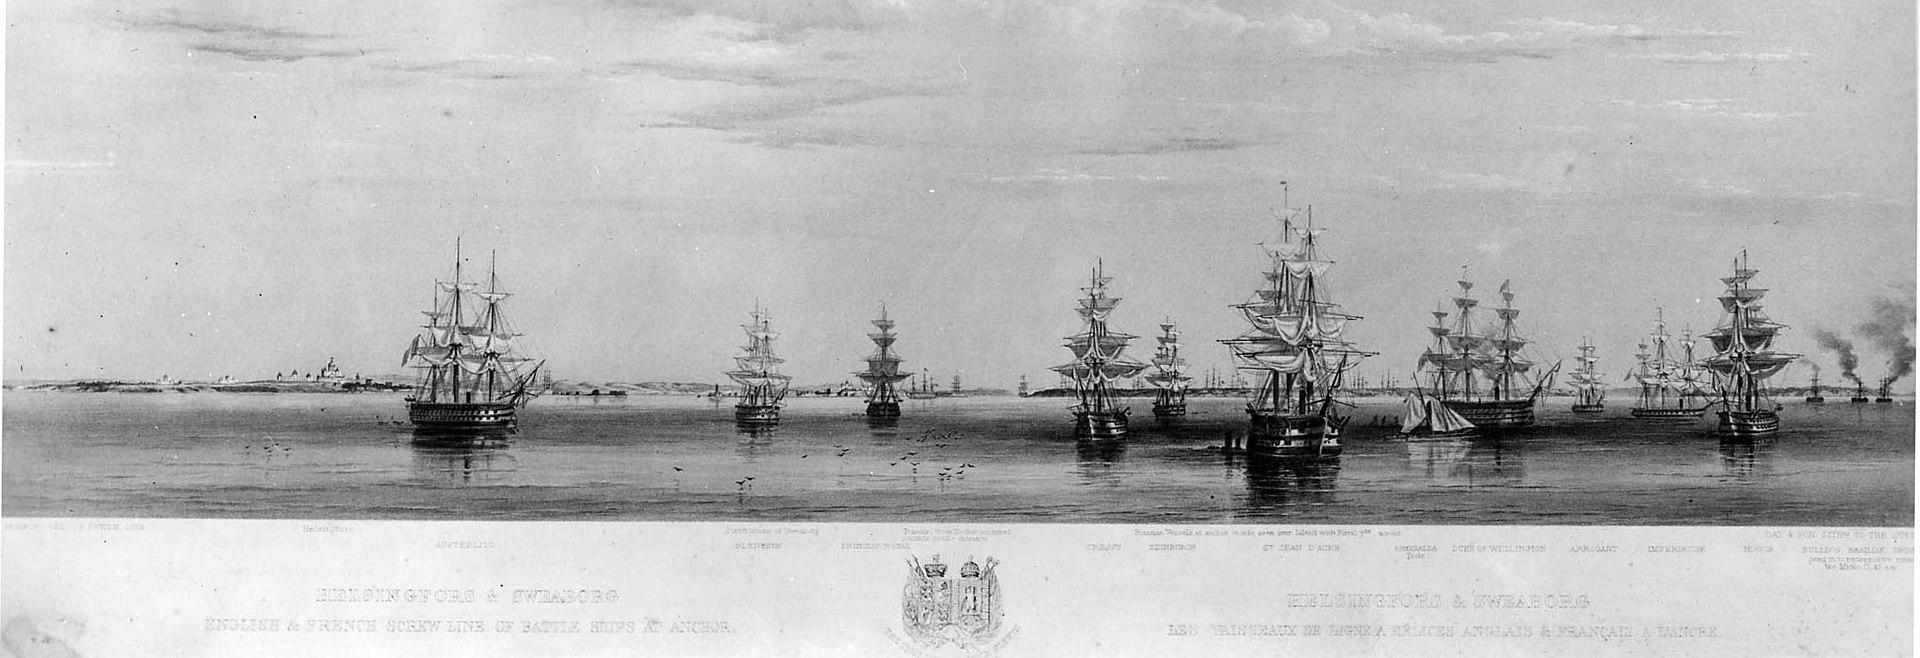 Marinmotiv-Franskengelsk eskader vid Sveaborg 1854 - Sjöhistoriska Museet - O 08128.jpeg